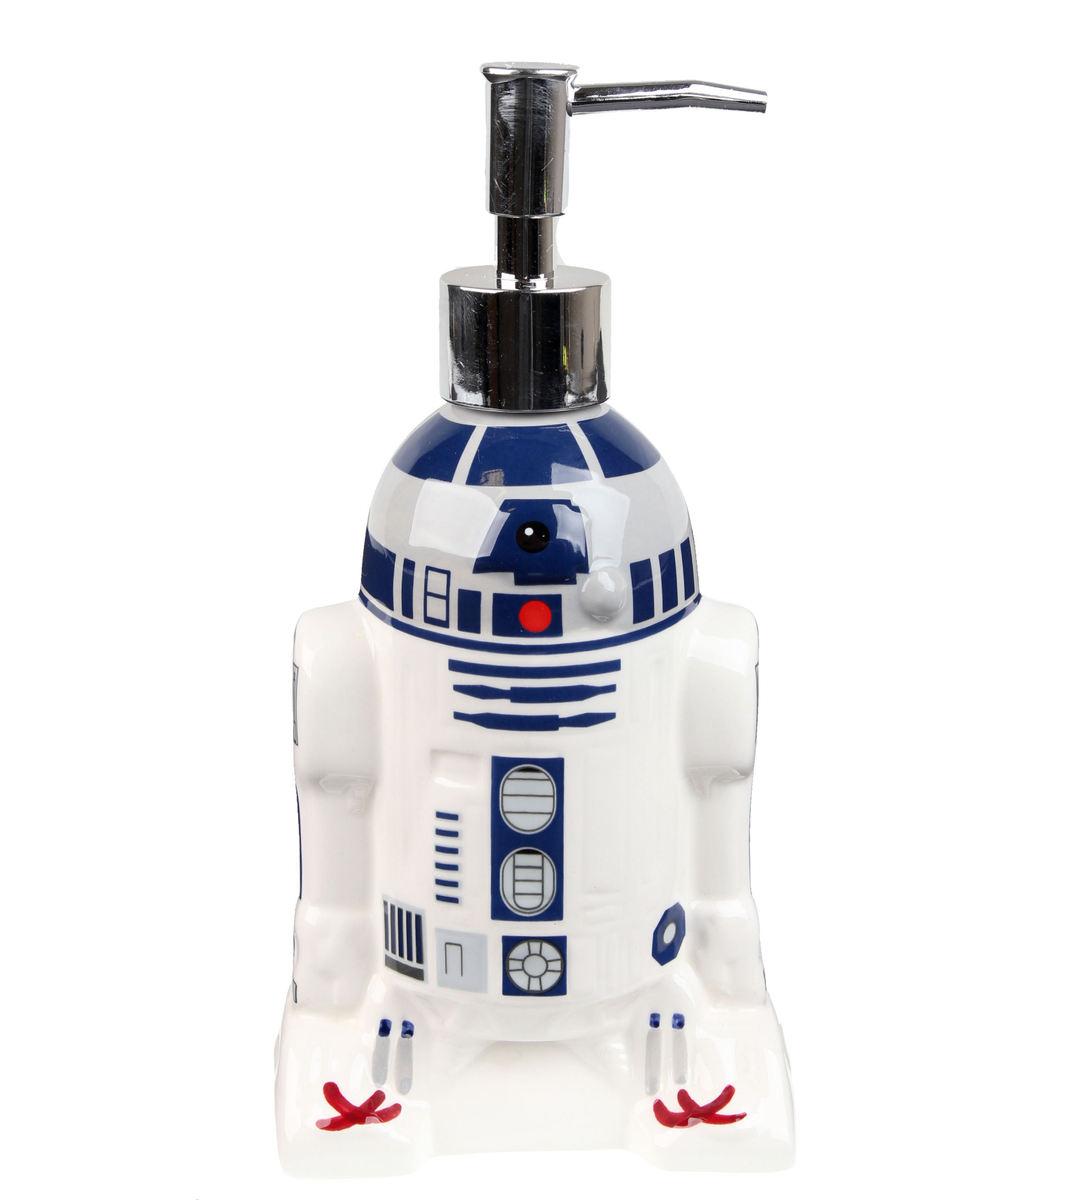 nádoba na mýdlo Star Wars